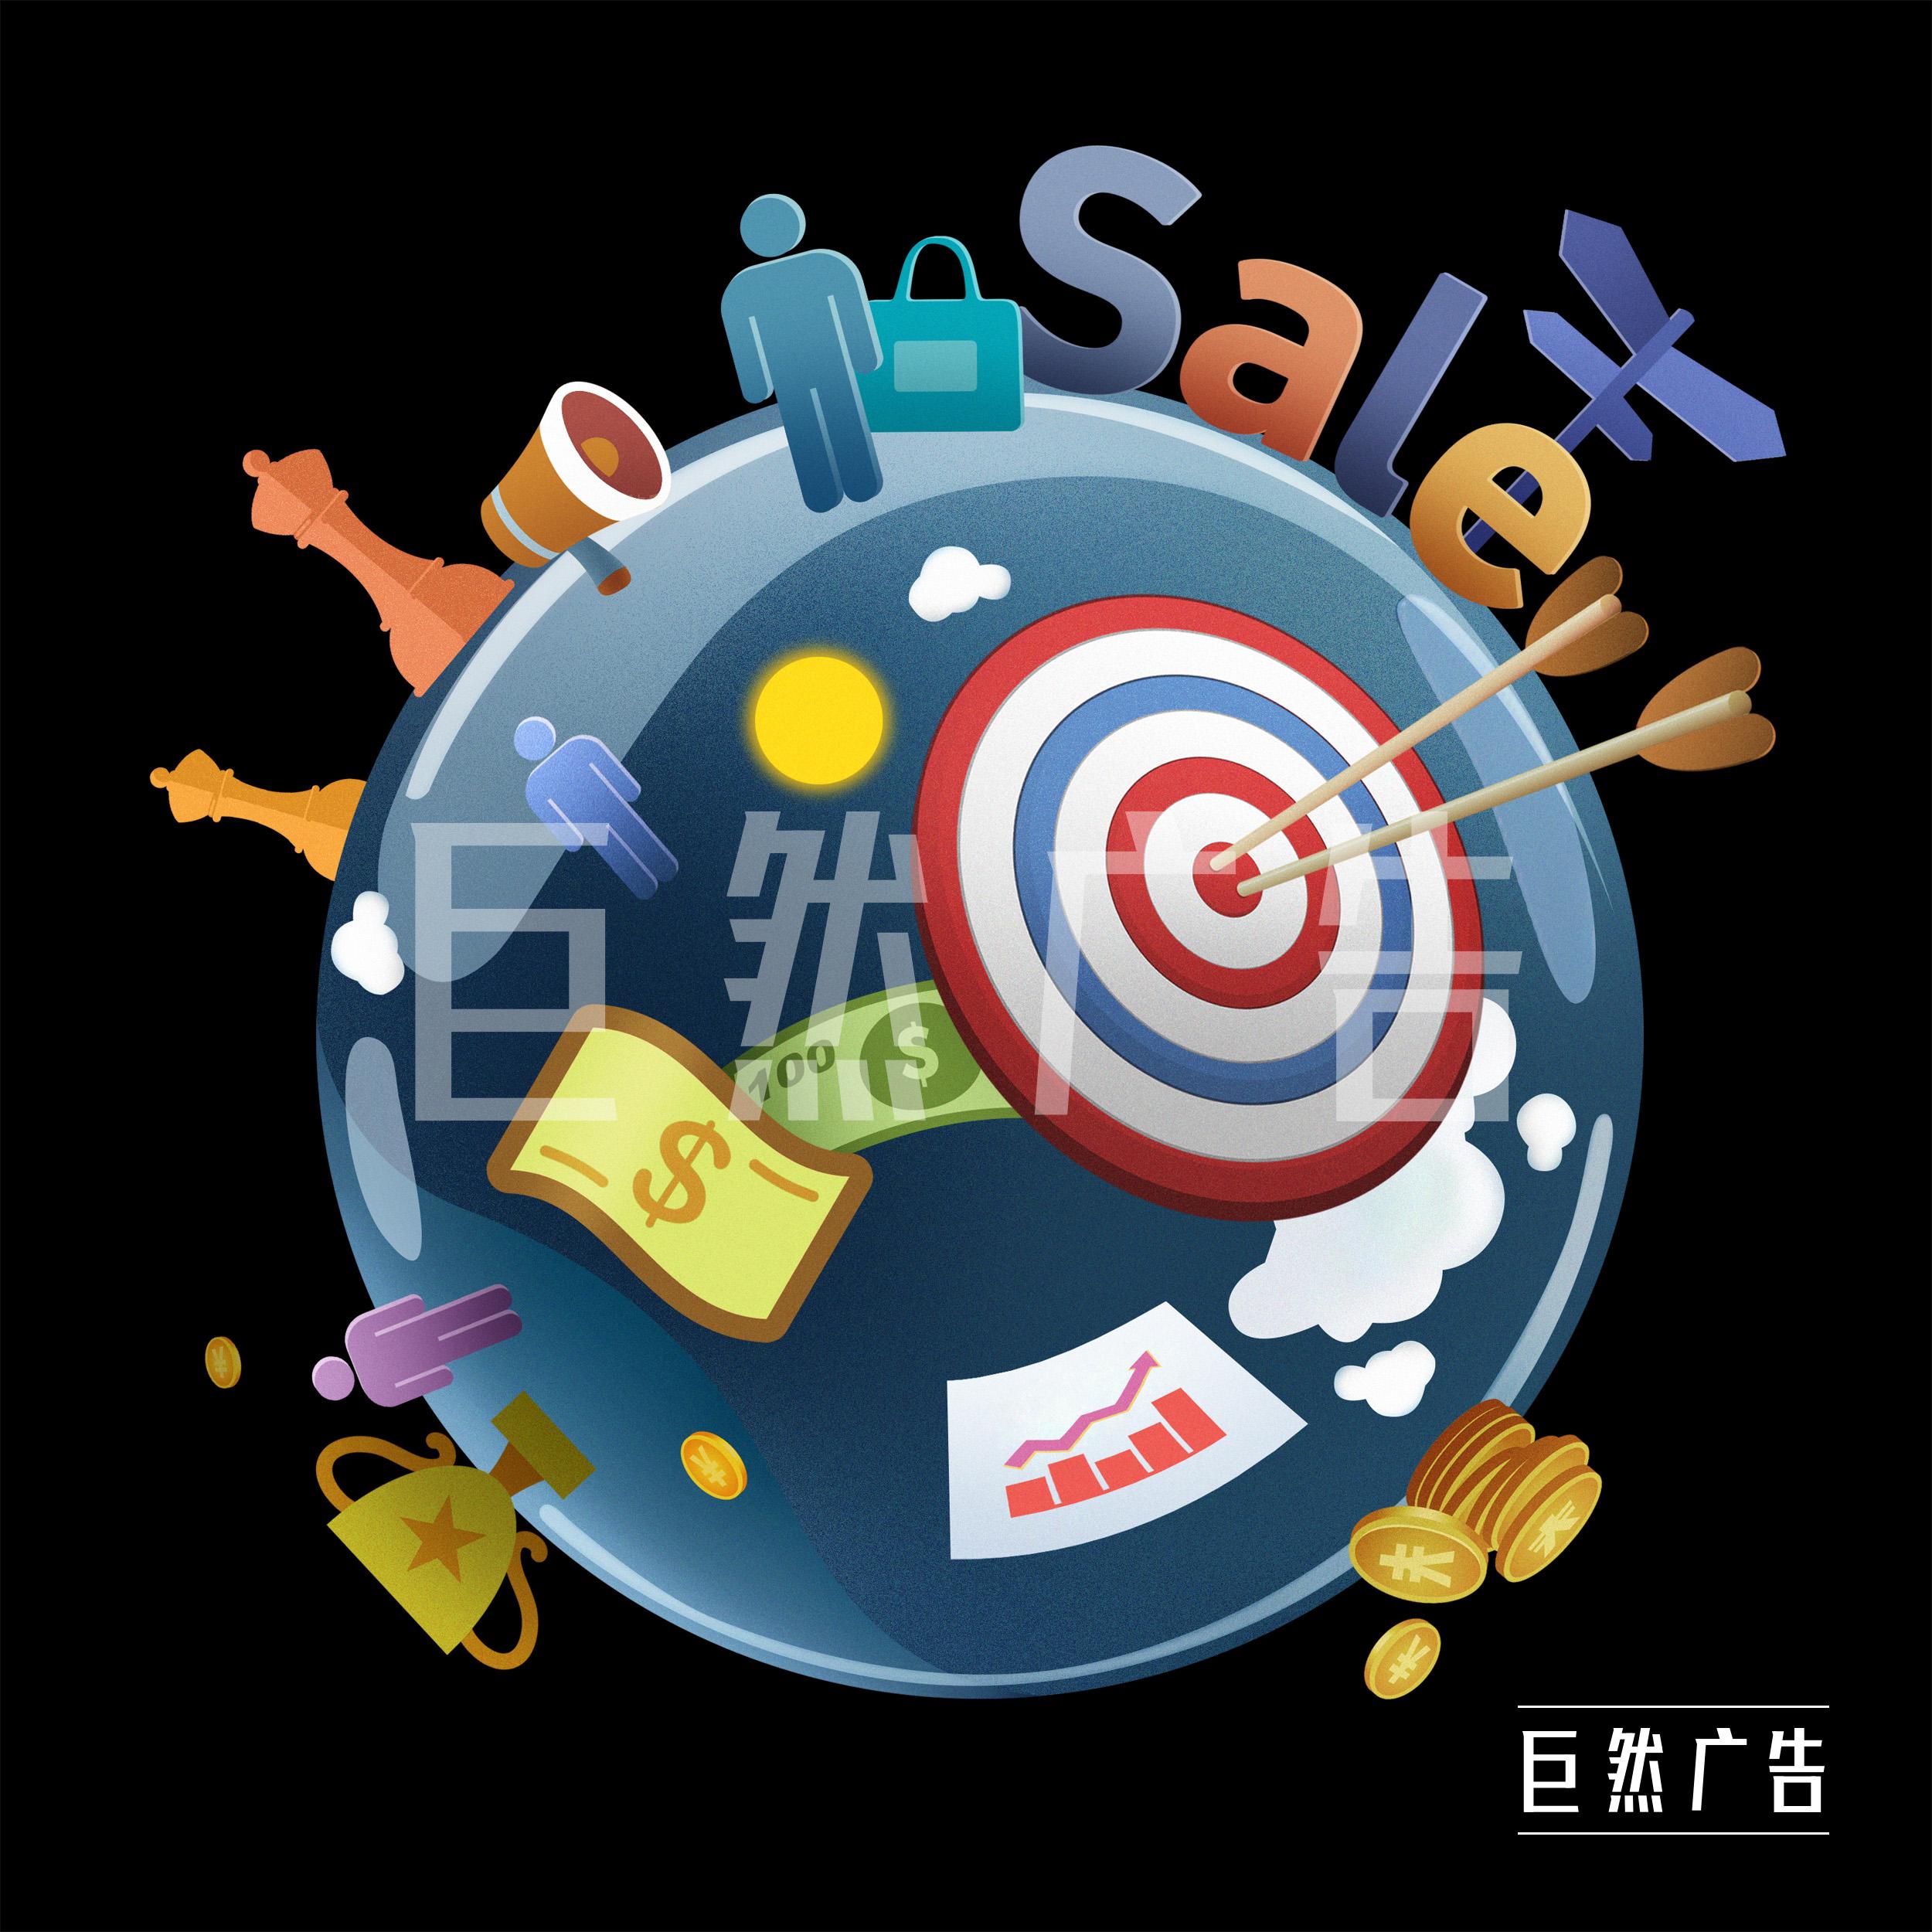 万利国际娱乐城,位于青岛海滨大道,占地面积5万平方米,总投资7亿元人民币,是一座融参与性、观赏性、娱乐性、趣味性于一体的中国现代主题娱乐城。2004年开.I'm QQ - QQ2010正式版特性和下载qq2010官方下载正式版能让你在网络上与自己的好友聊天、视频、会话、远程连接对方计算机、传送文件等功能。腾讯公司经过多年的不断进步,QQ的功能也不是不断的增加.